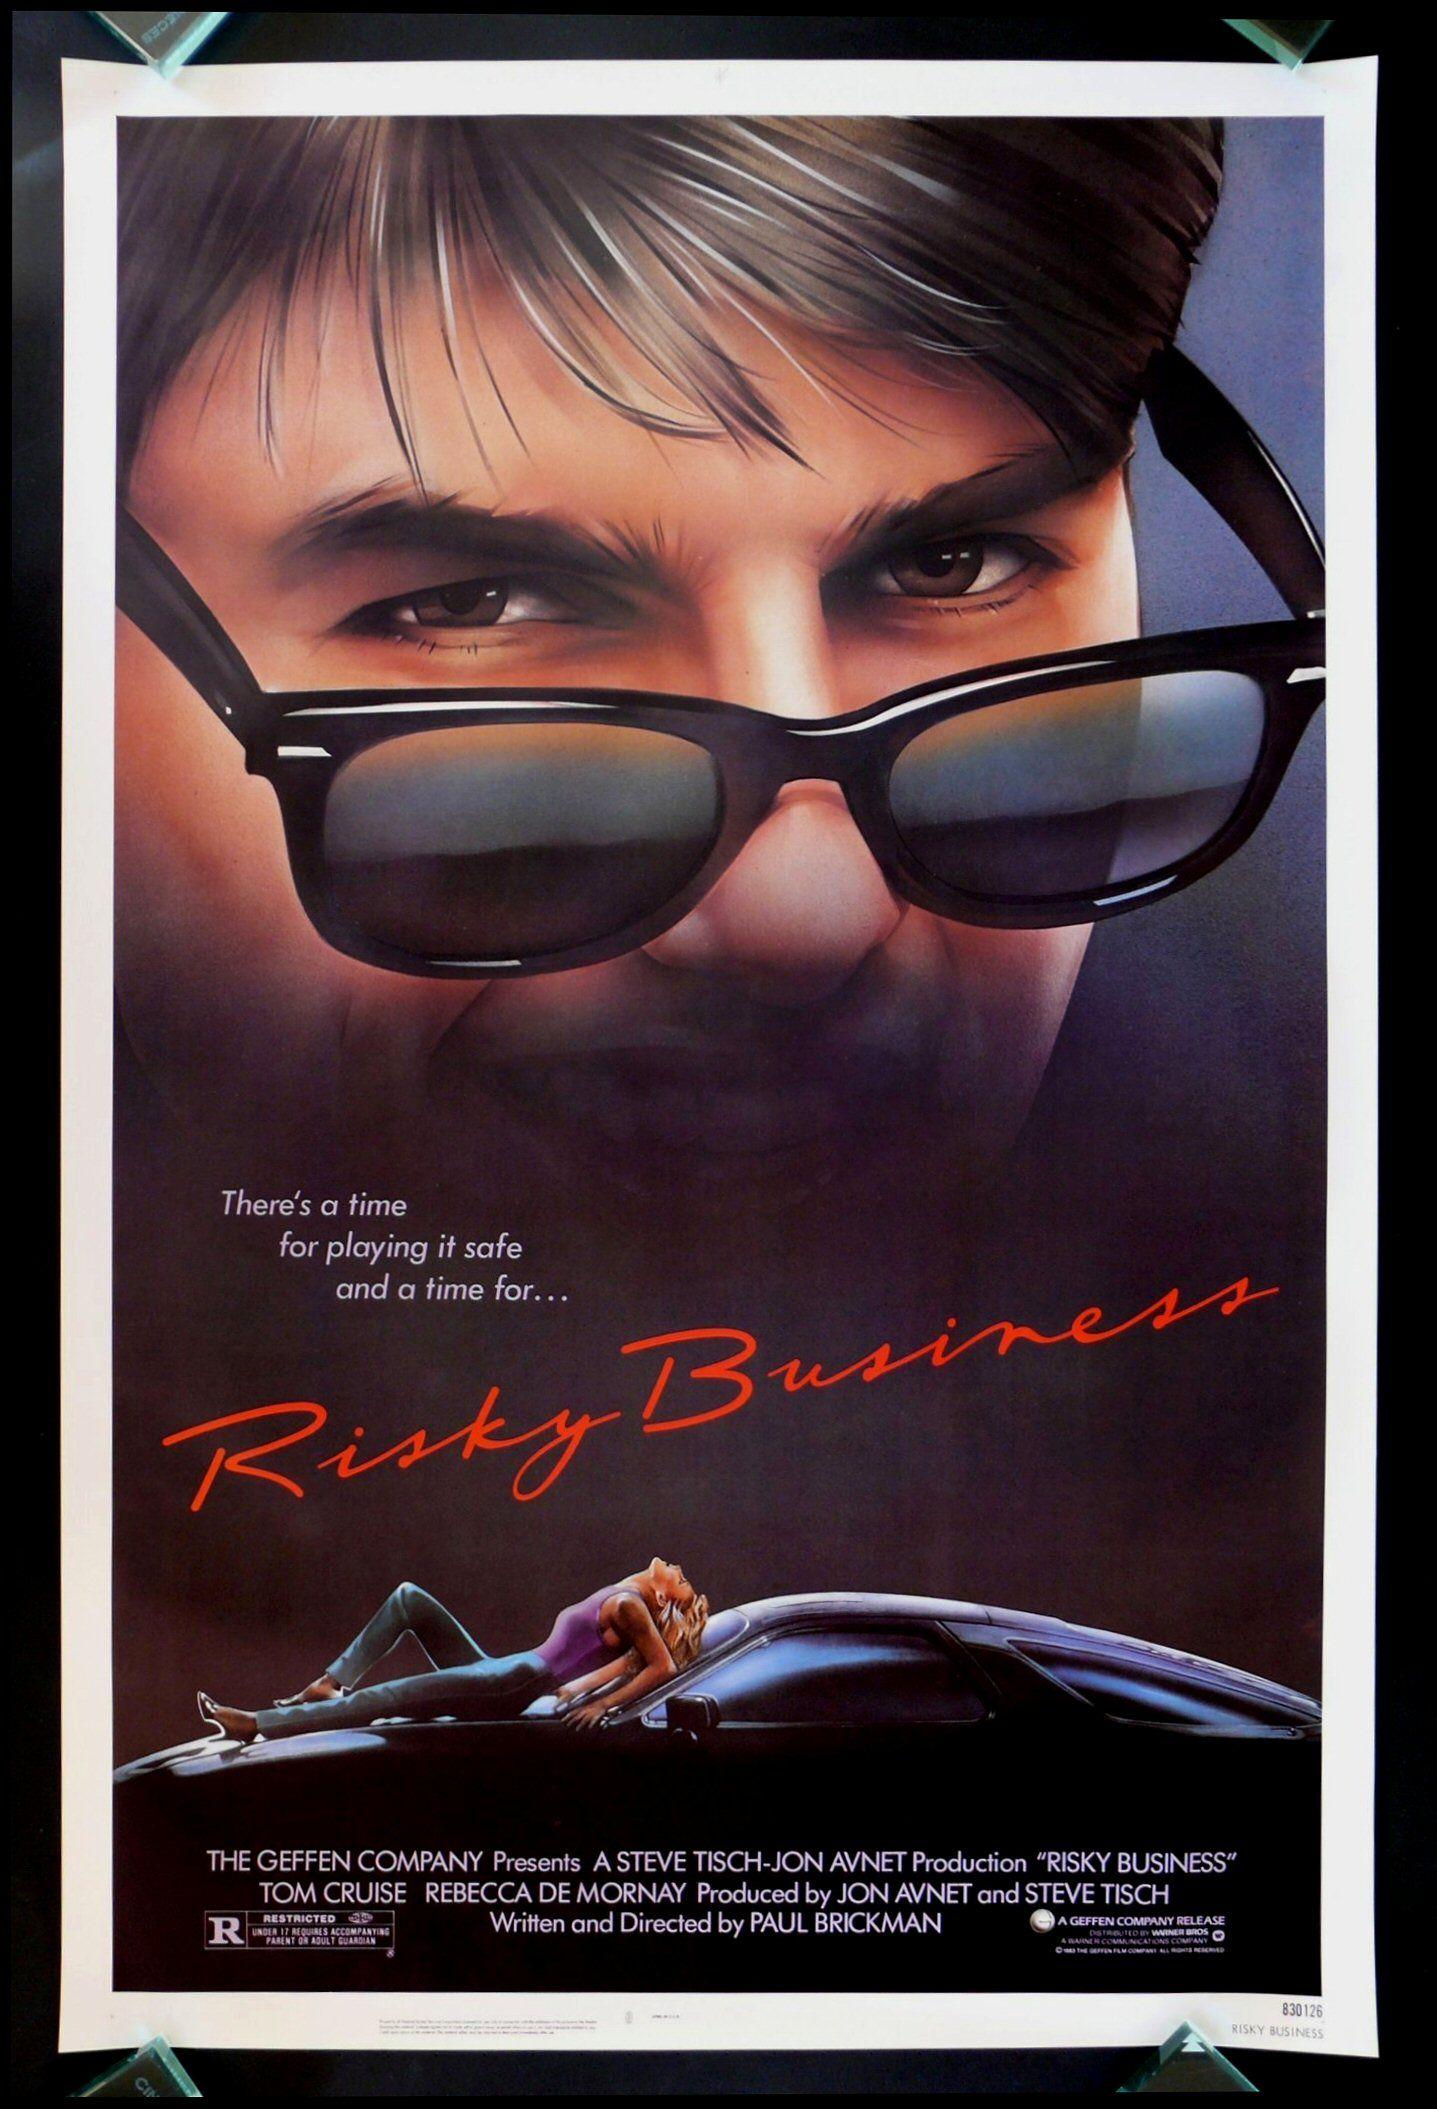 Risky business (1983) de Paul Brickman